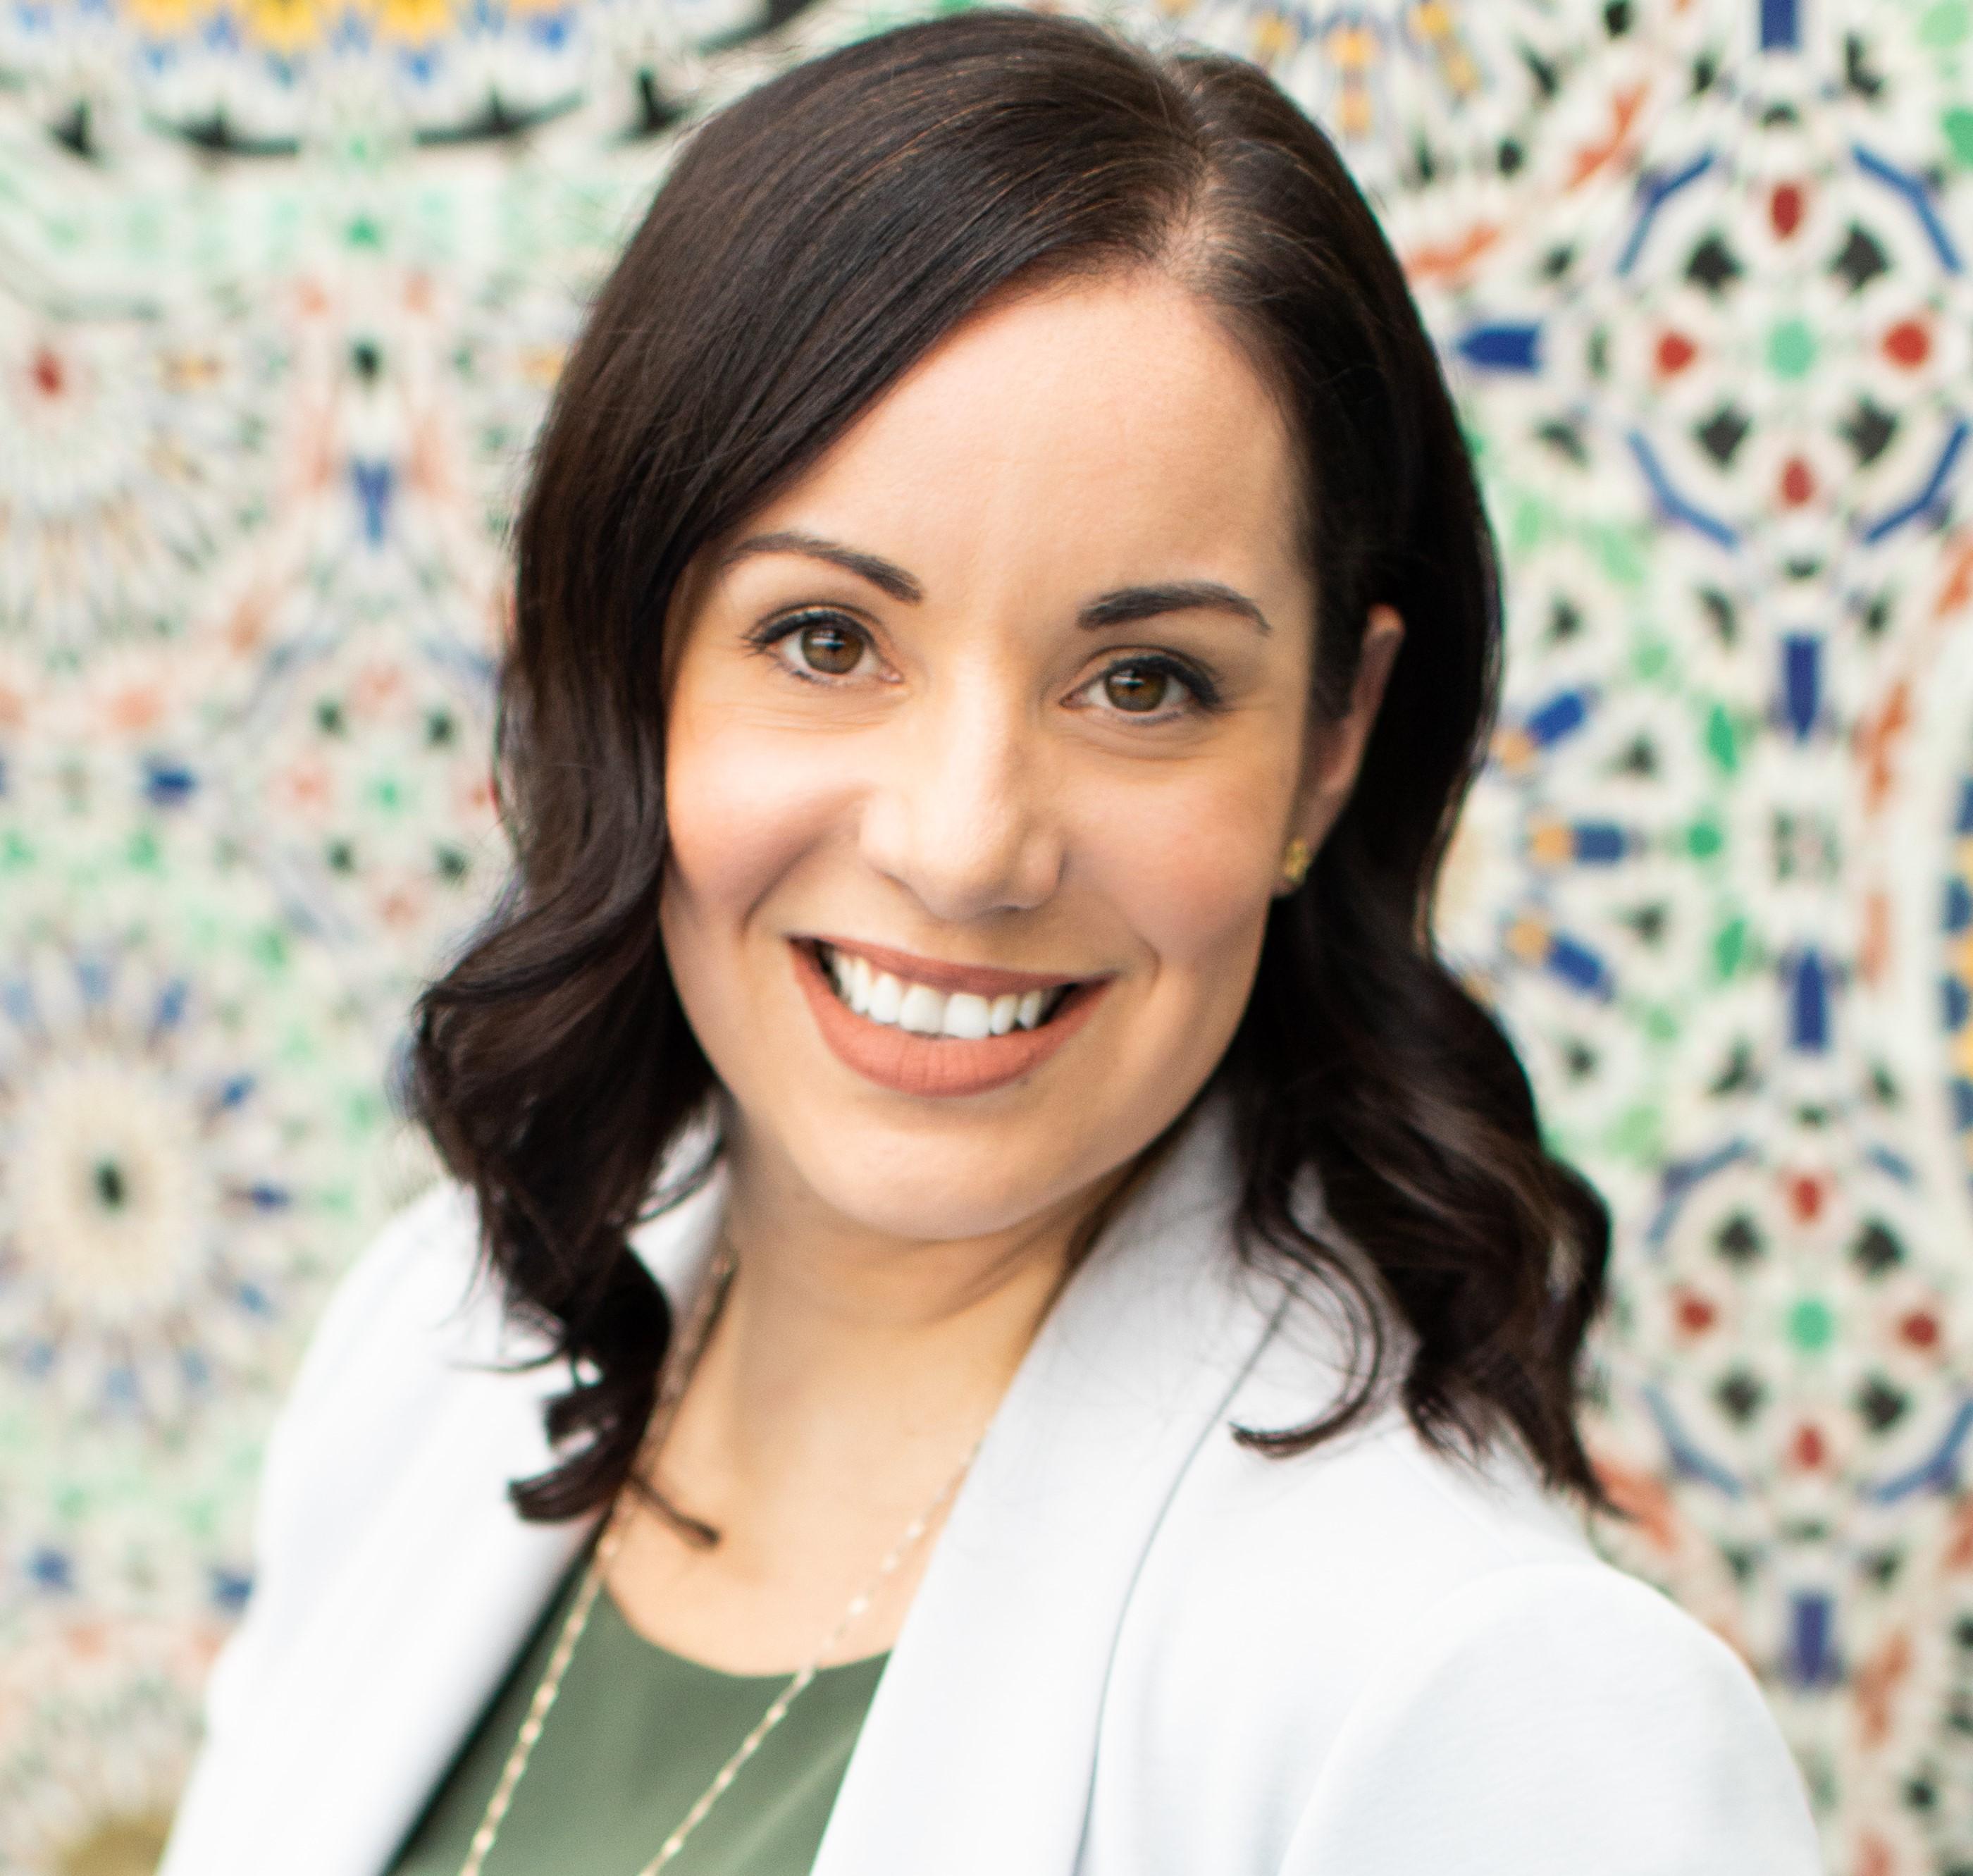 Karen Burnett Mestek, Northwestern Medicine